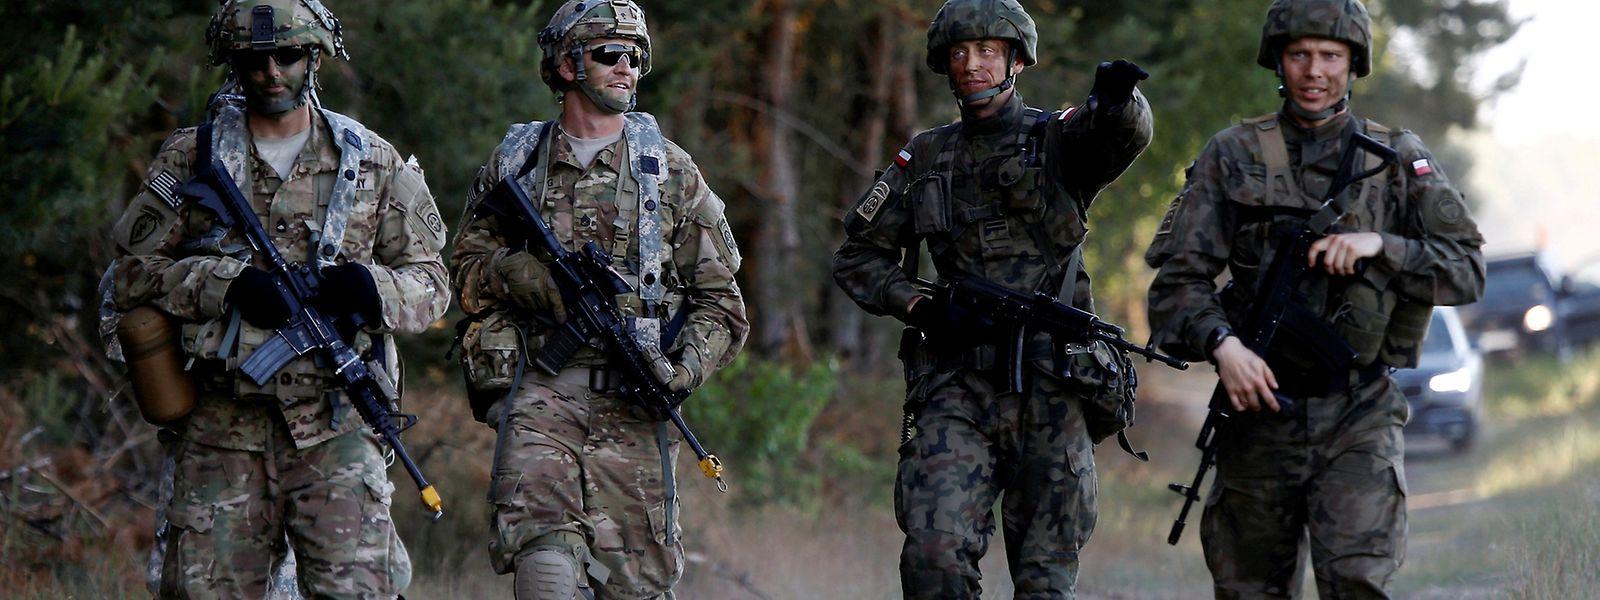 Im Juni hatten das Verteidigungsbündnis in Polen ein Manöver abgehalten.